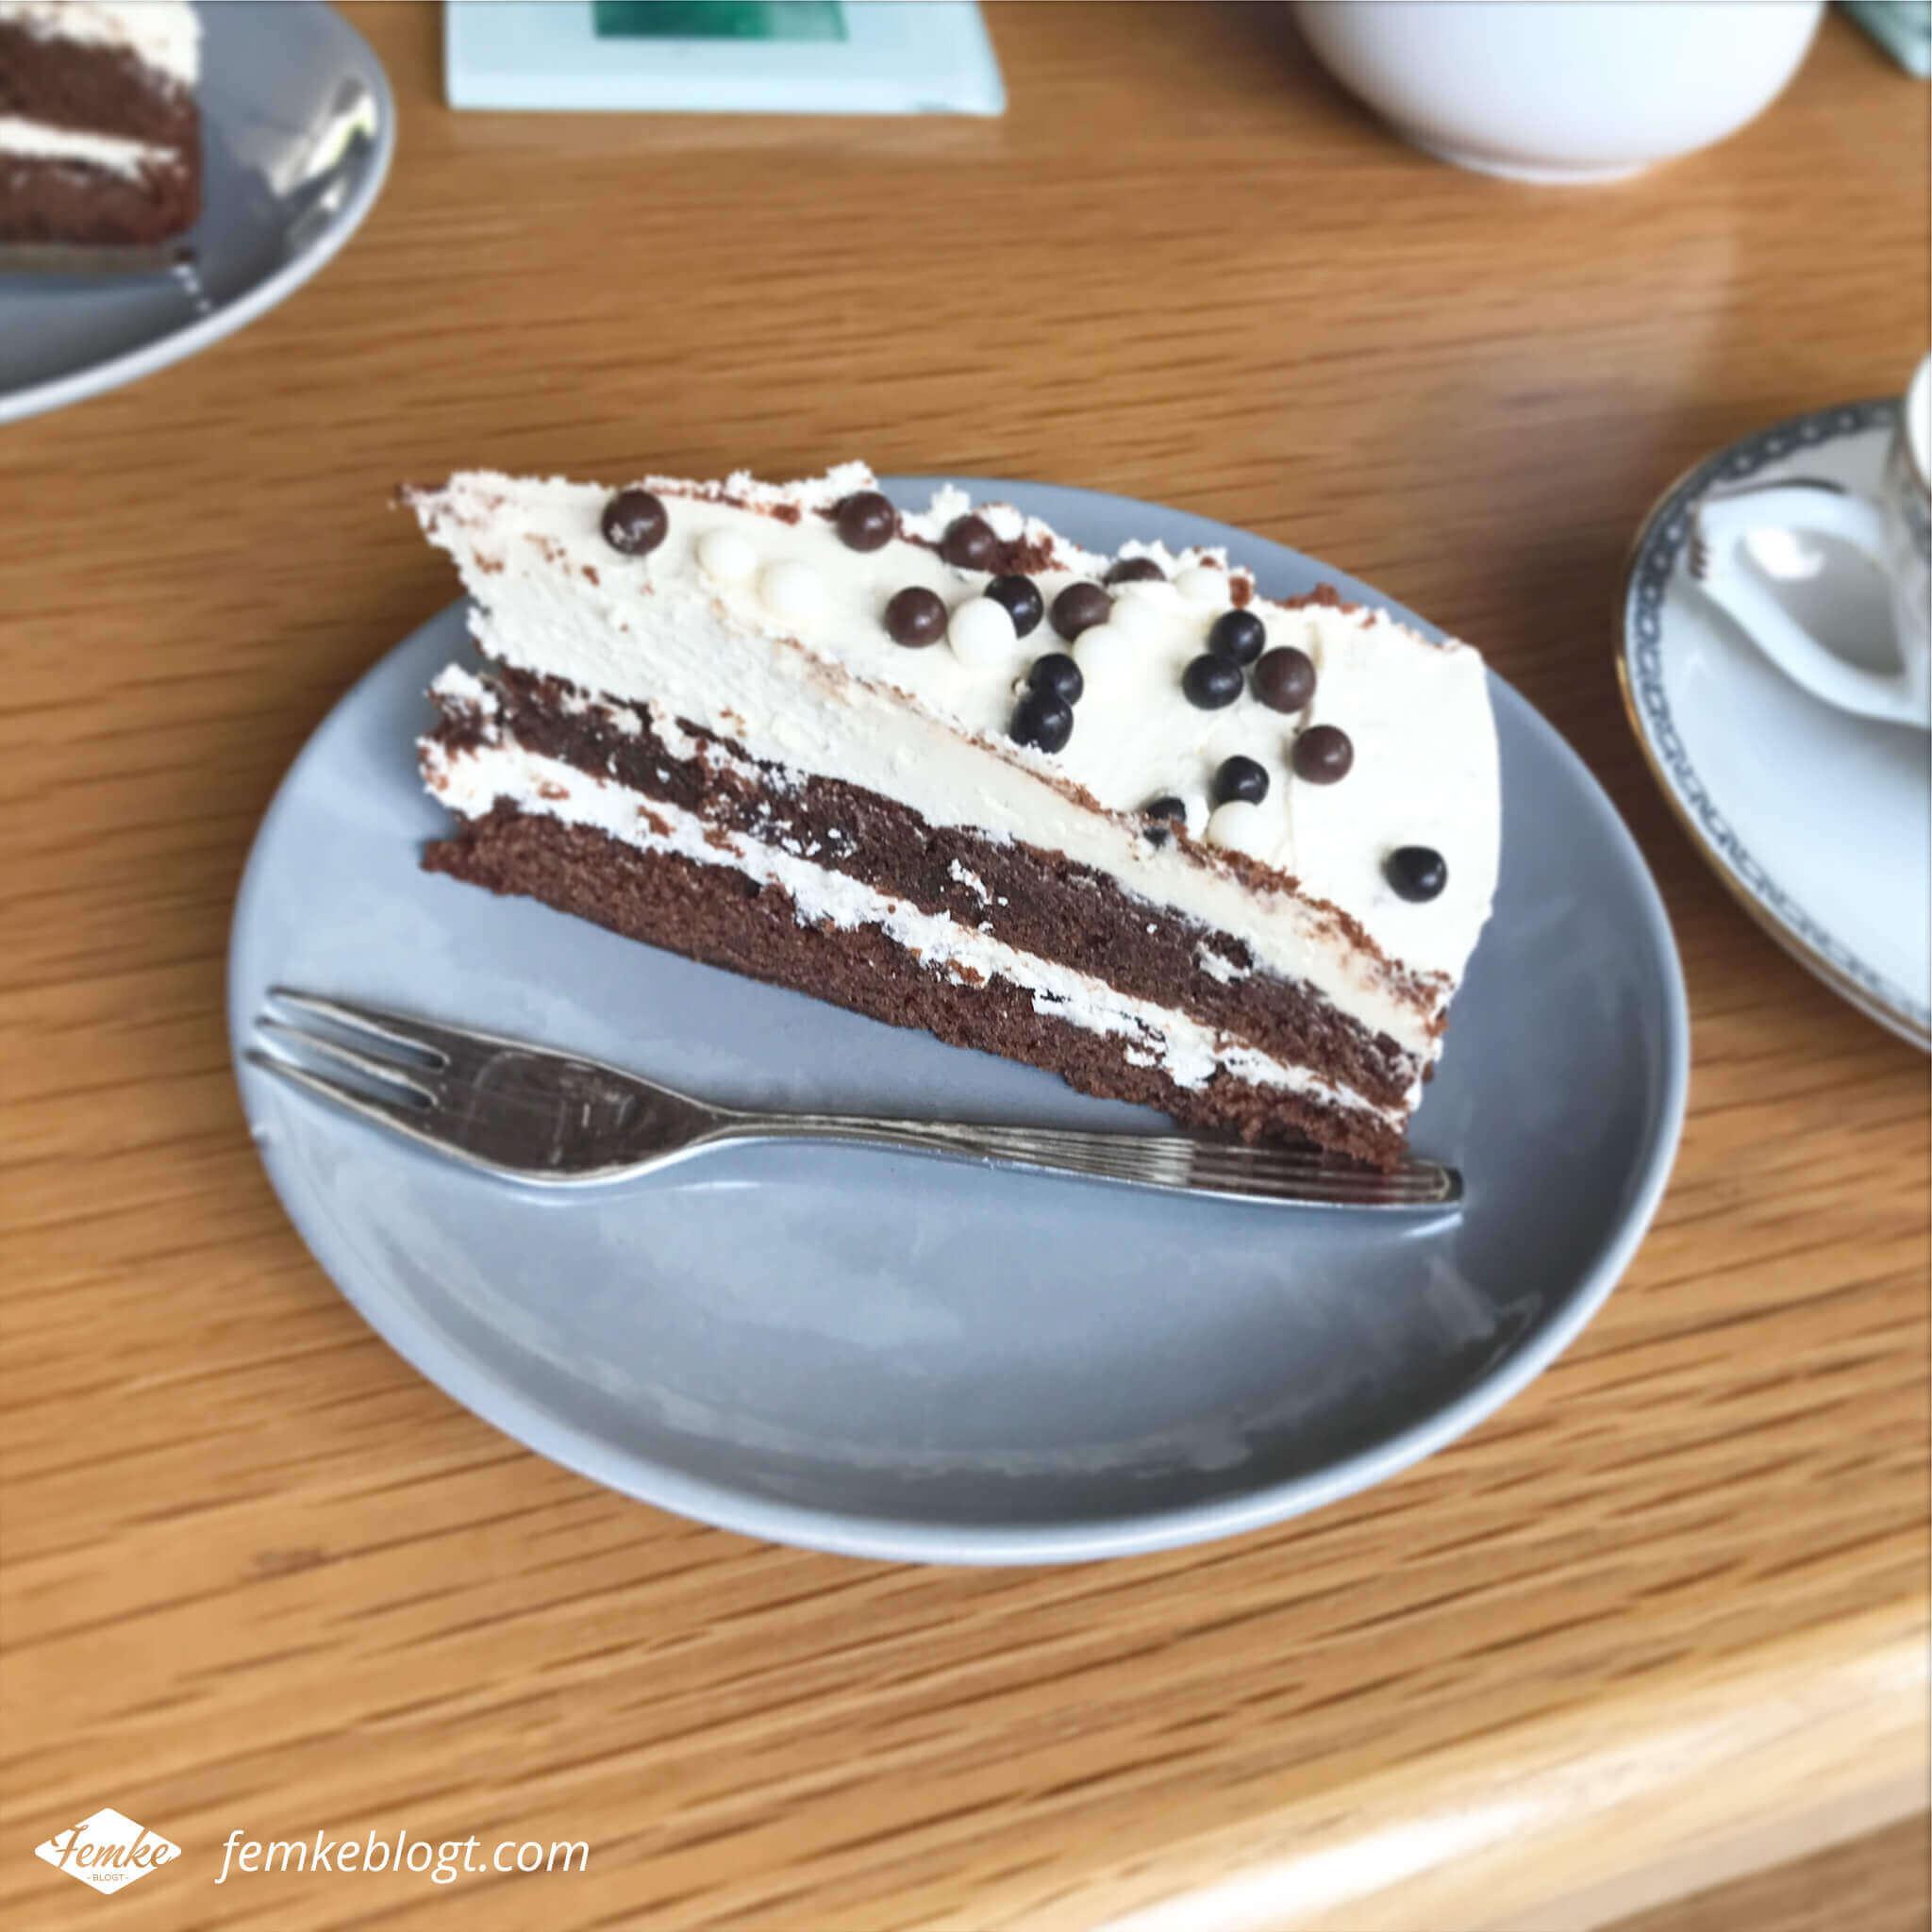 Maandoverzicht september | Chocoladetaart met Bailey's glazuur